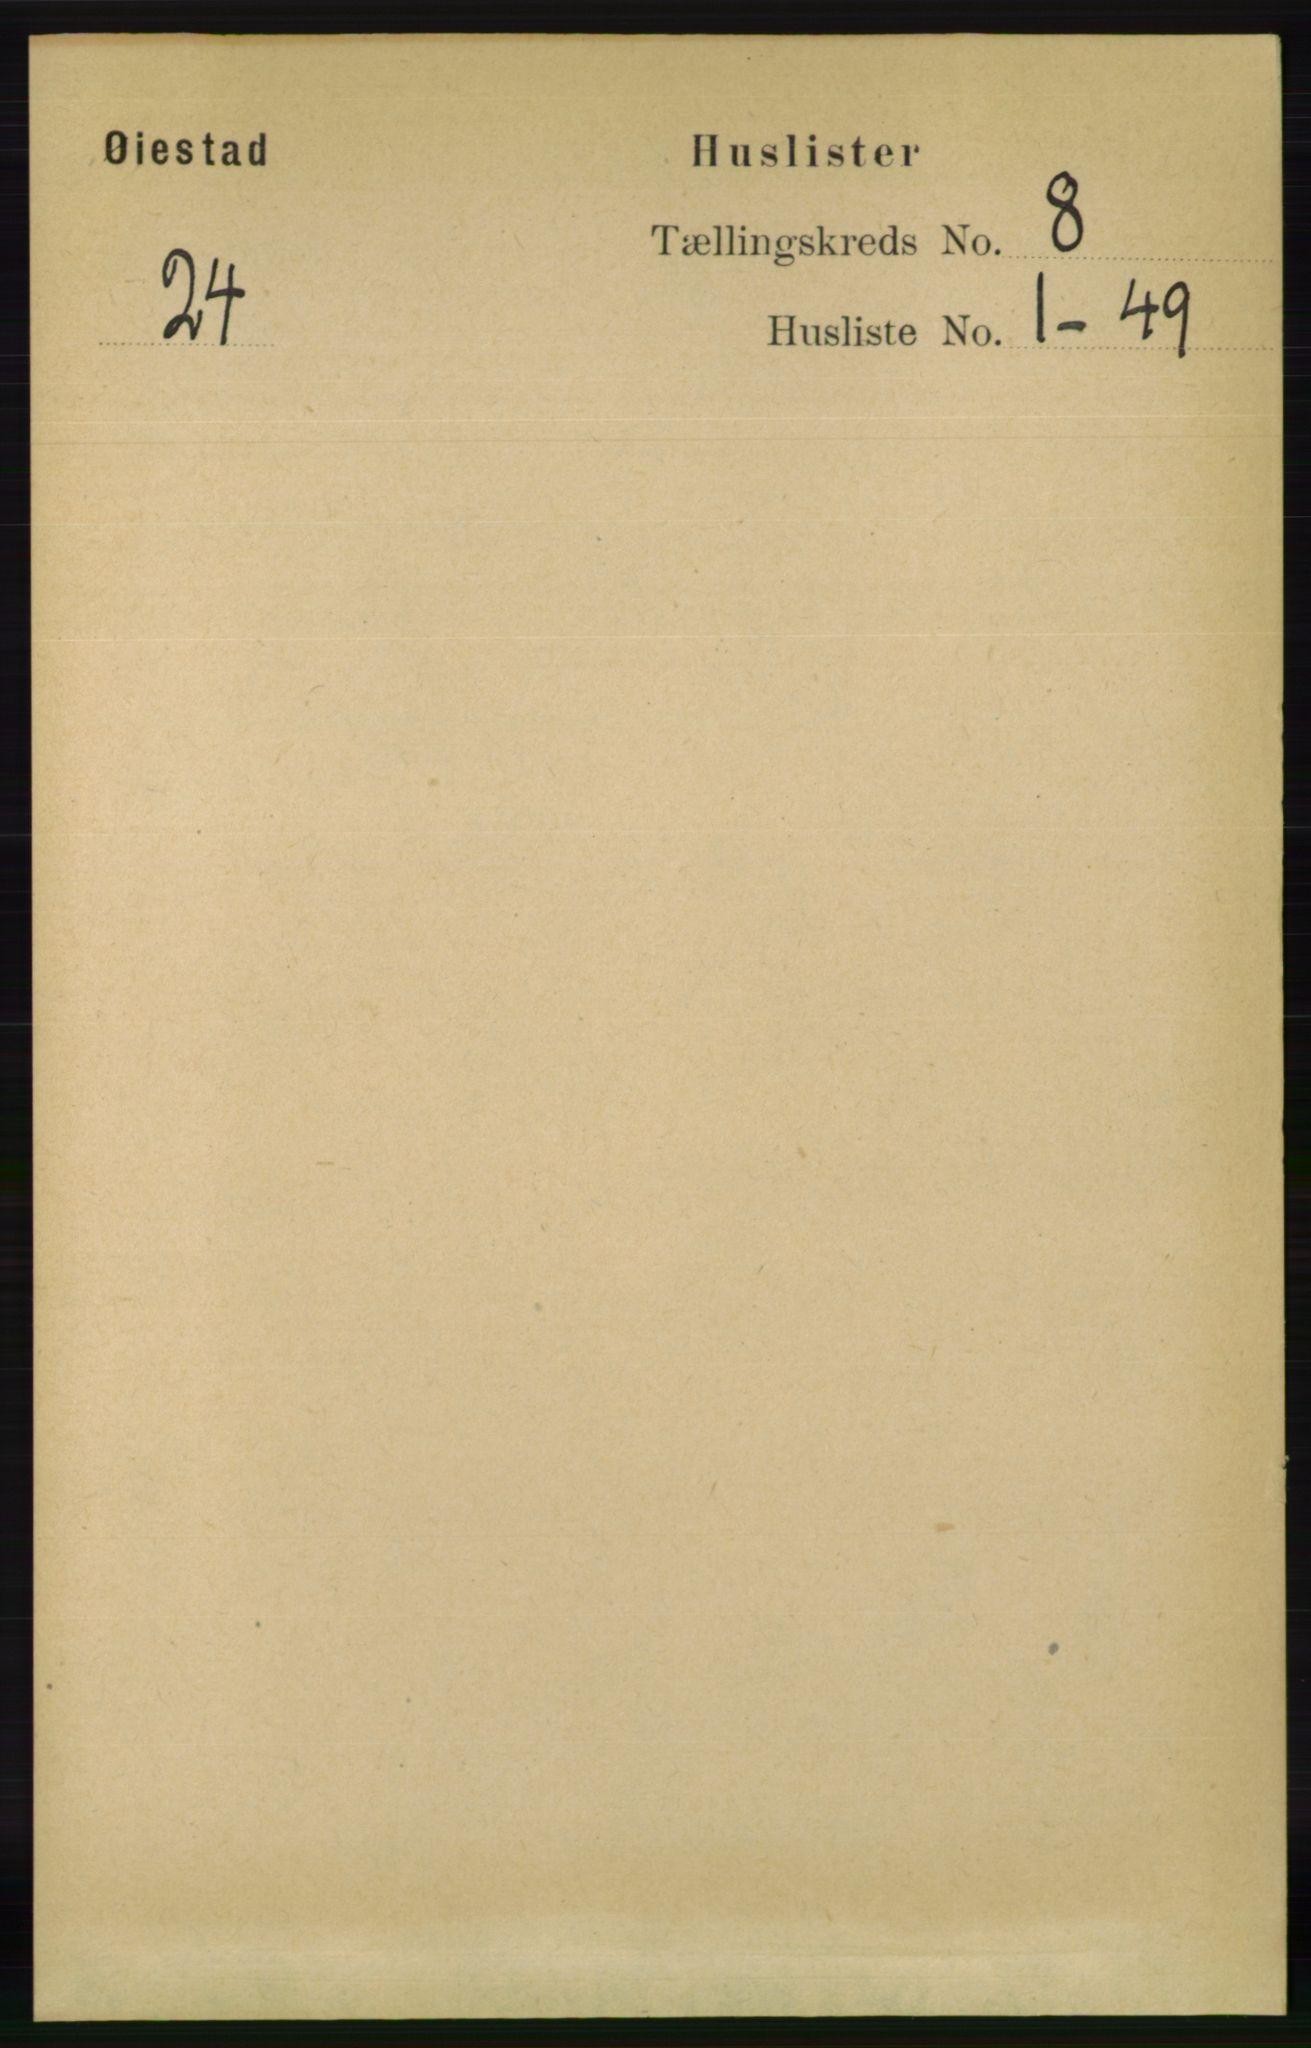 RA, Folketelling 1891 for 0920 Øyestad herred, 1891, s. 3134